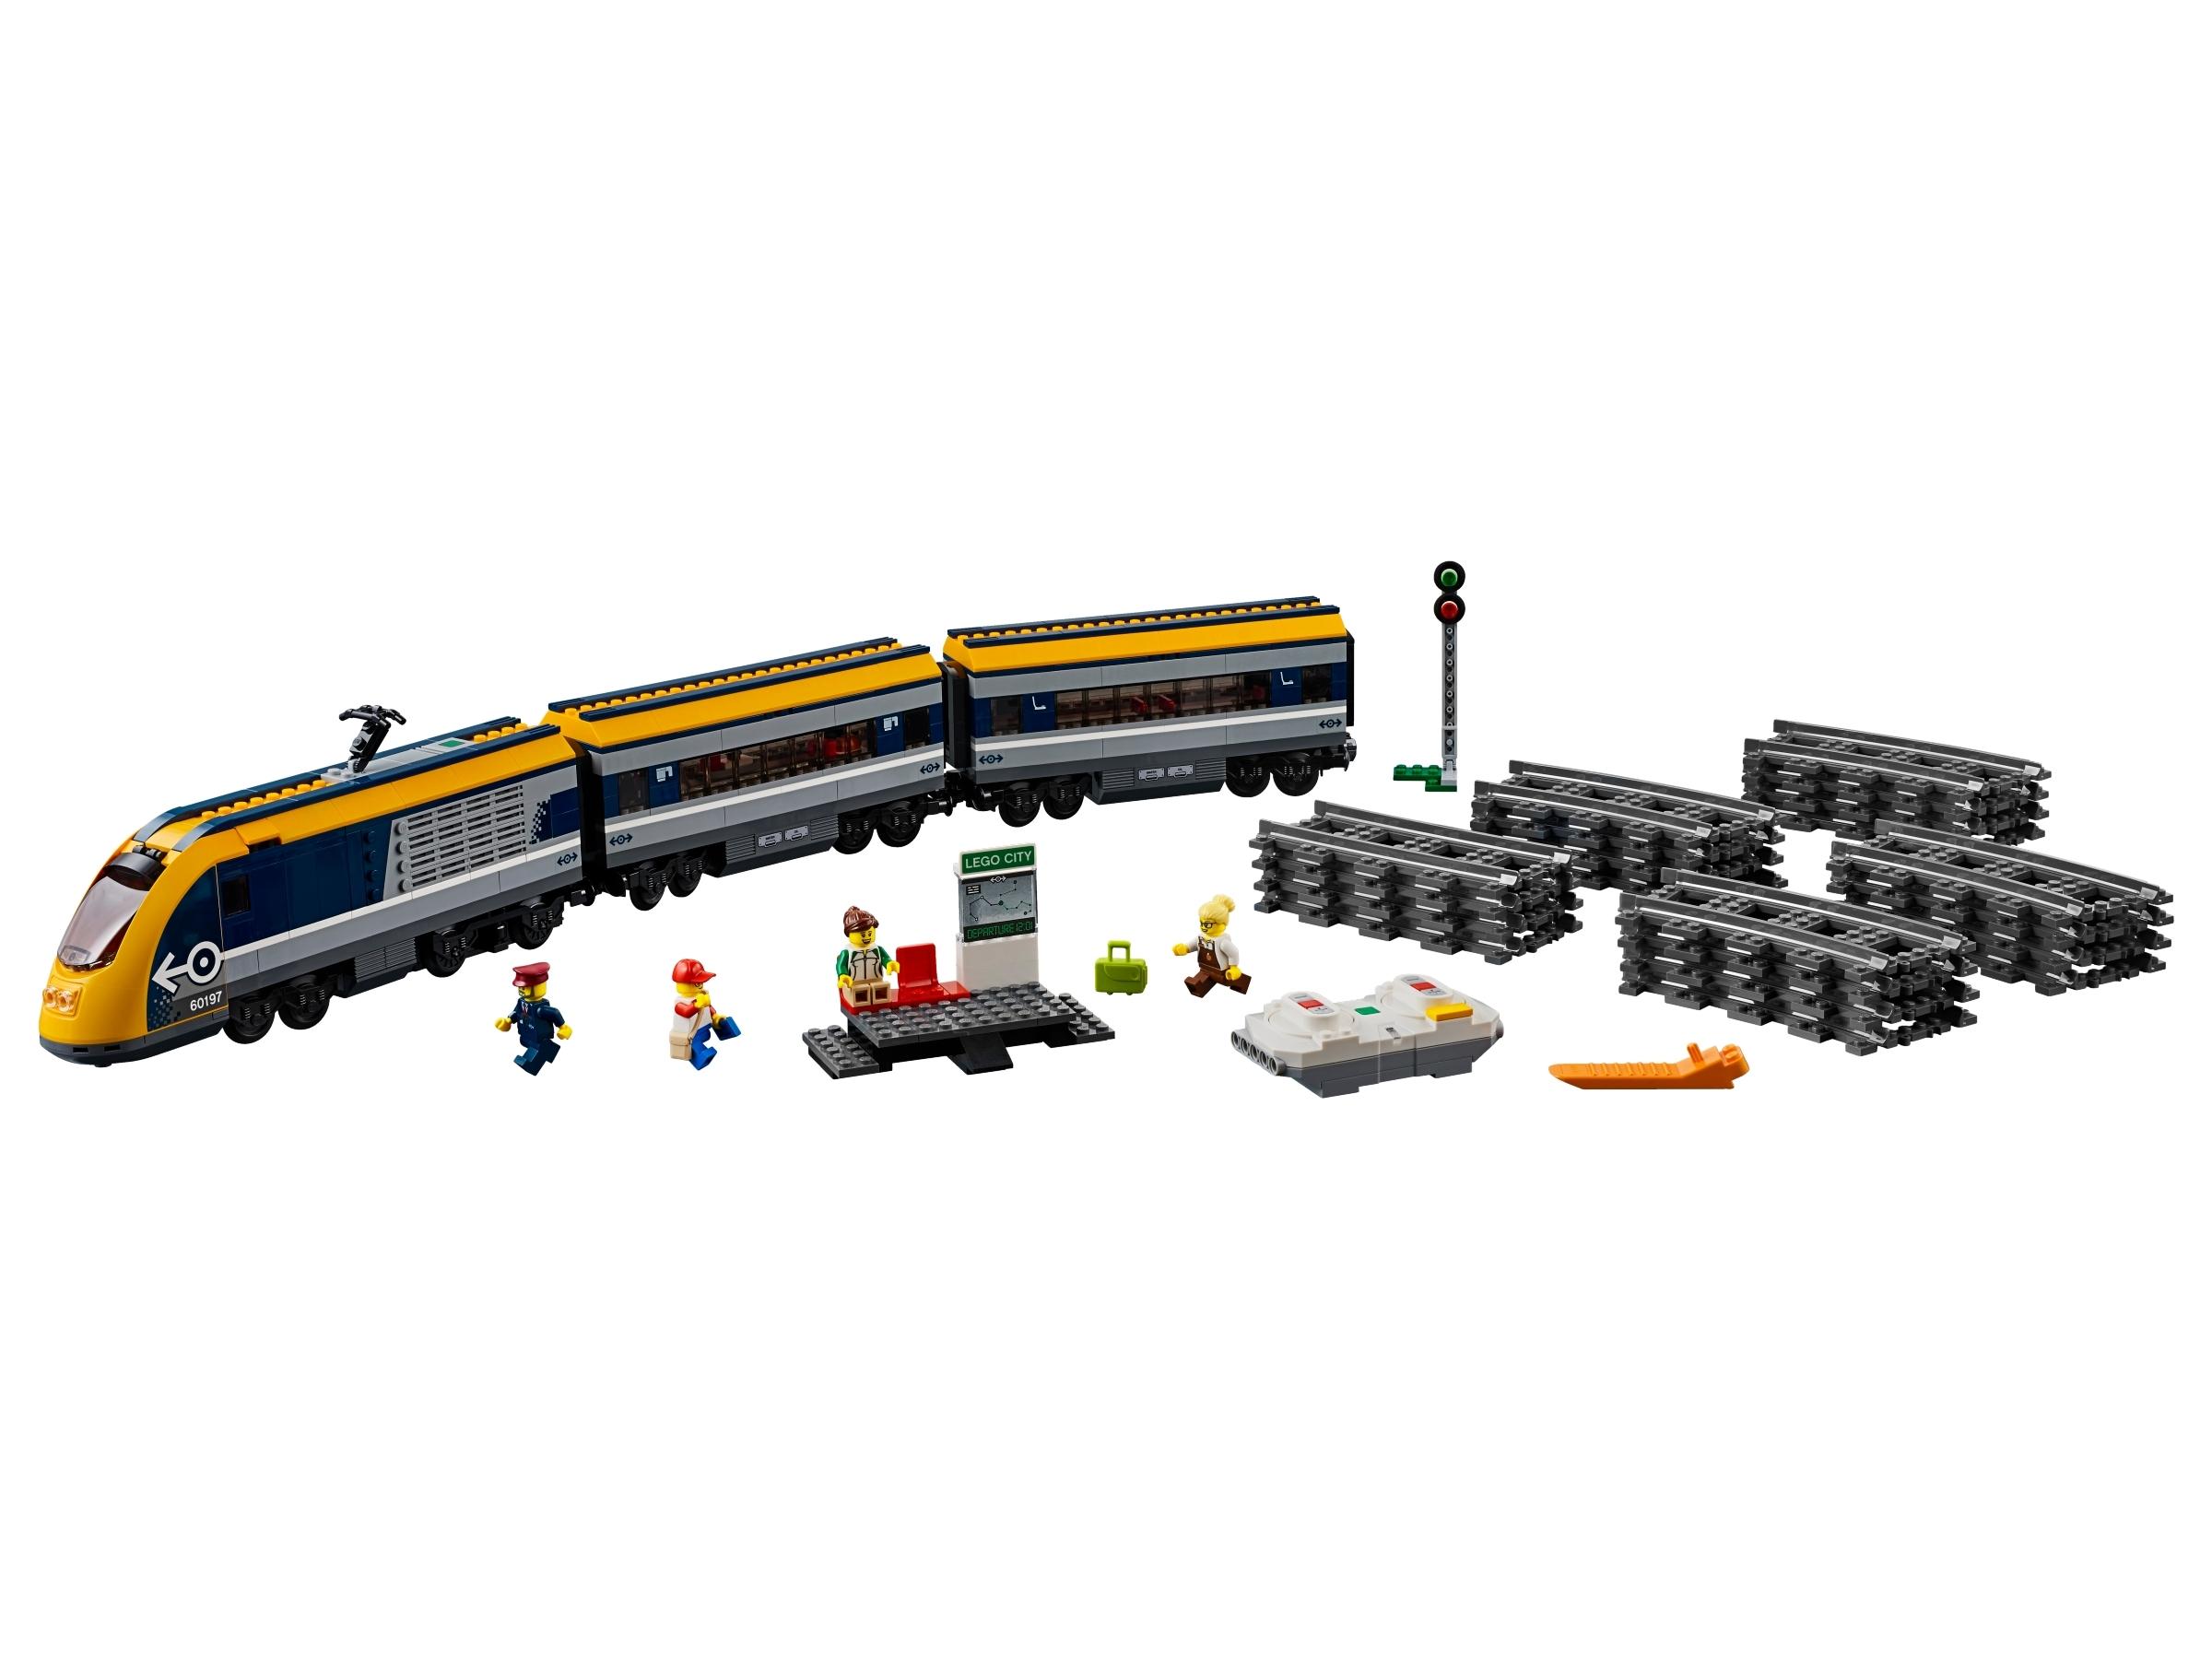 lego passagierstrein 60197